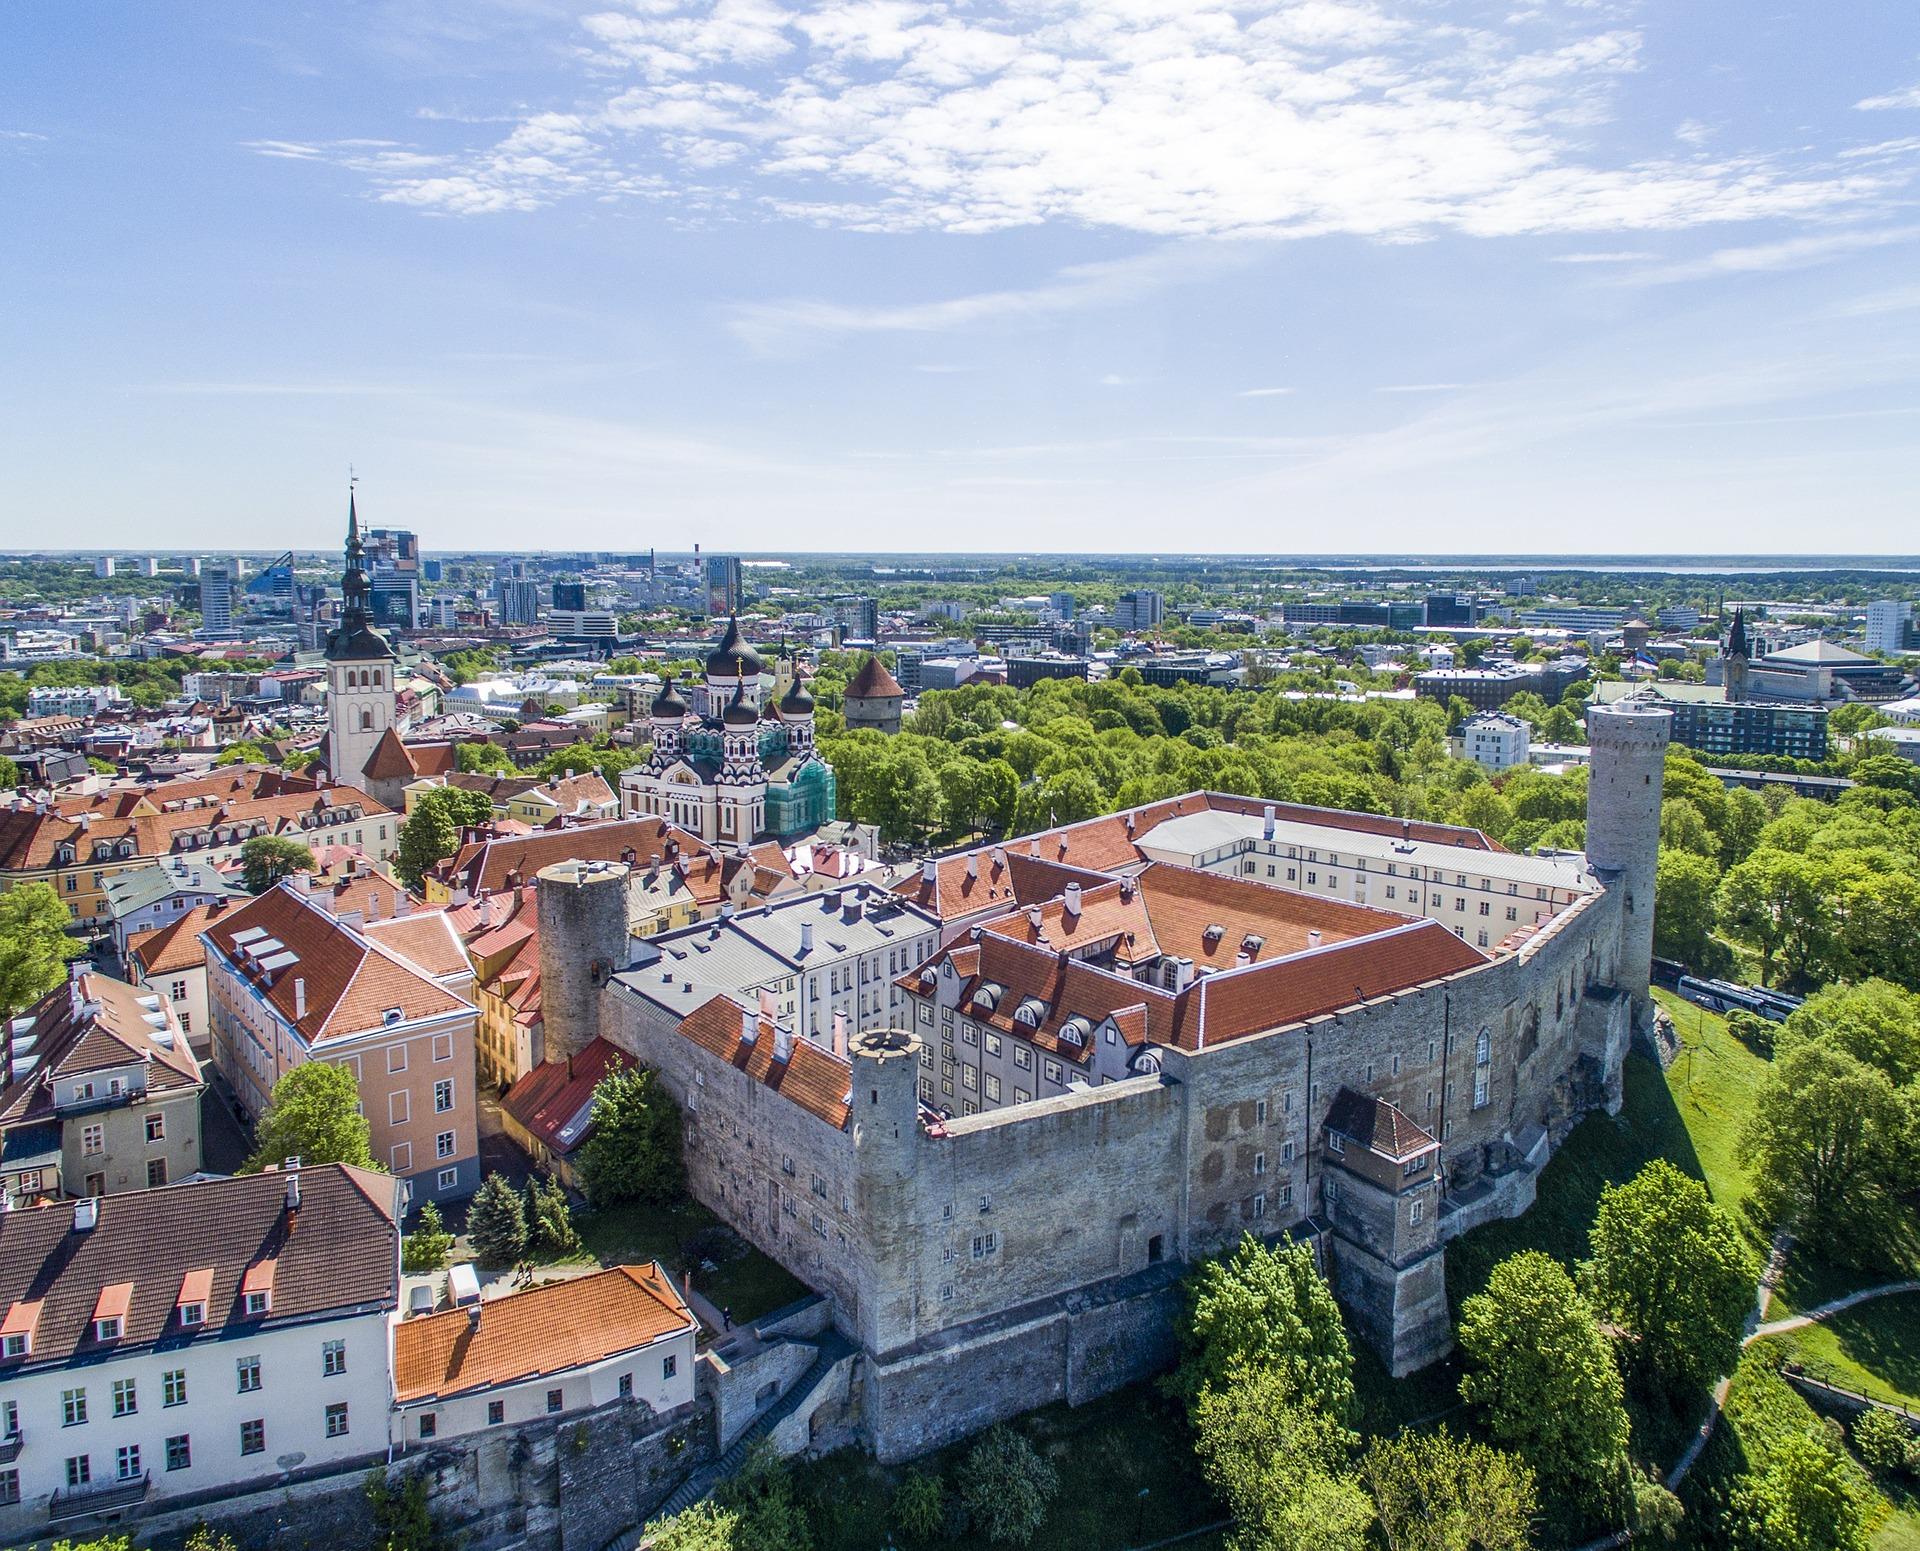 таллінн панорама міста